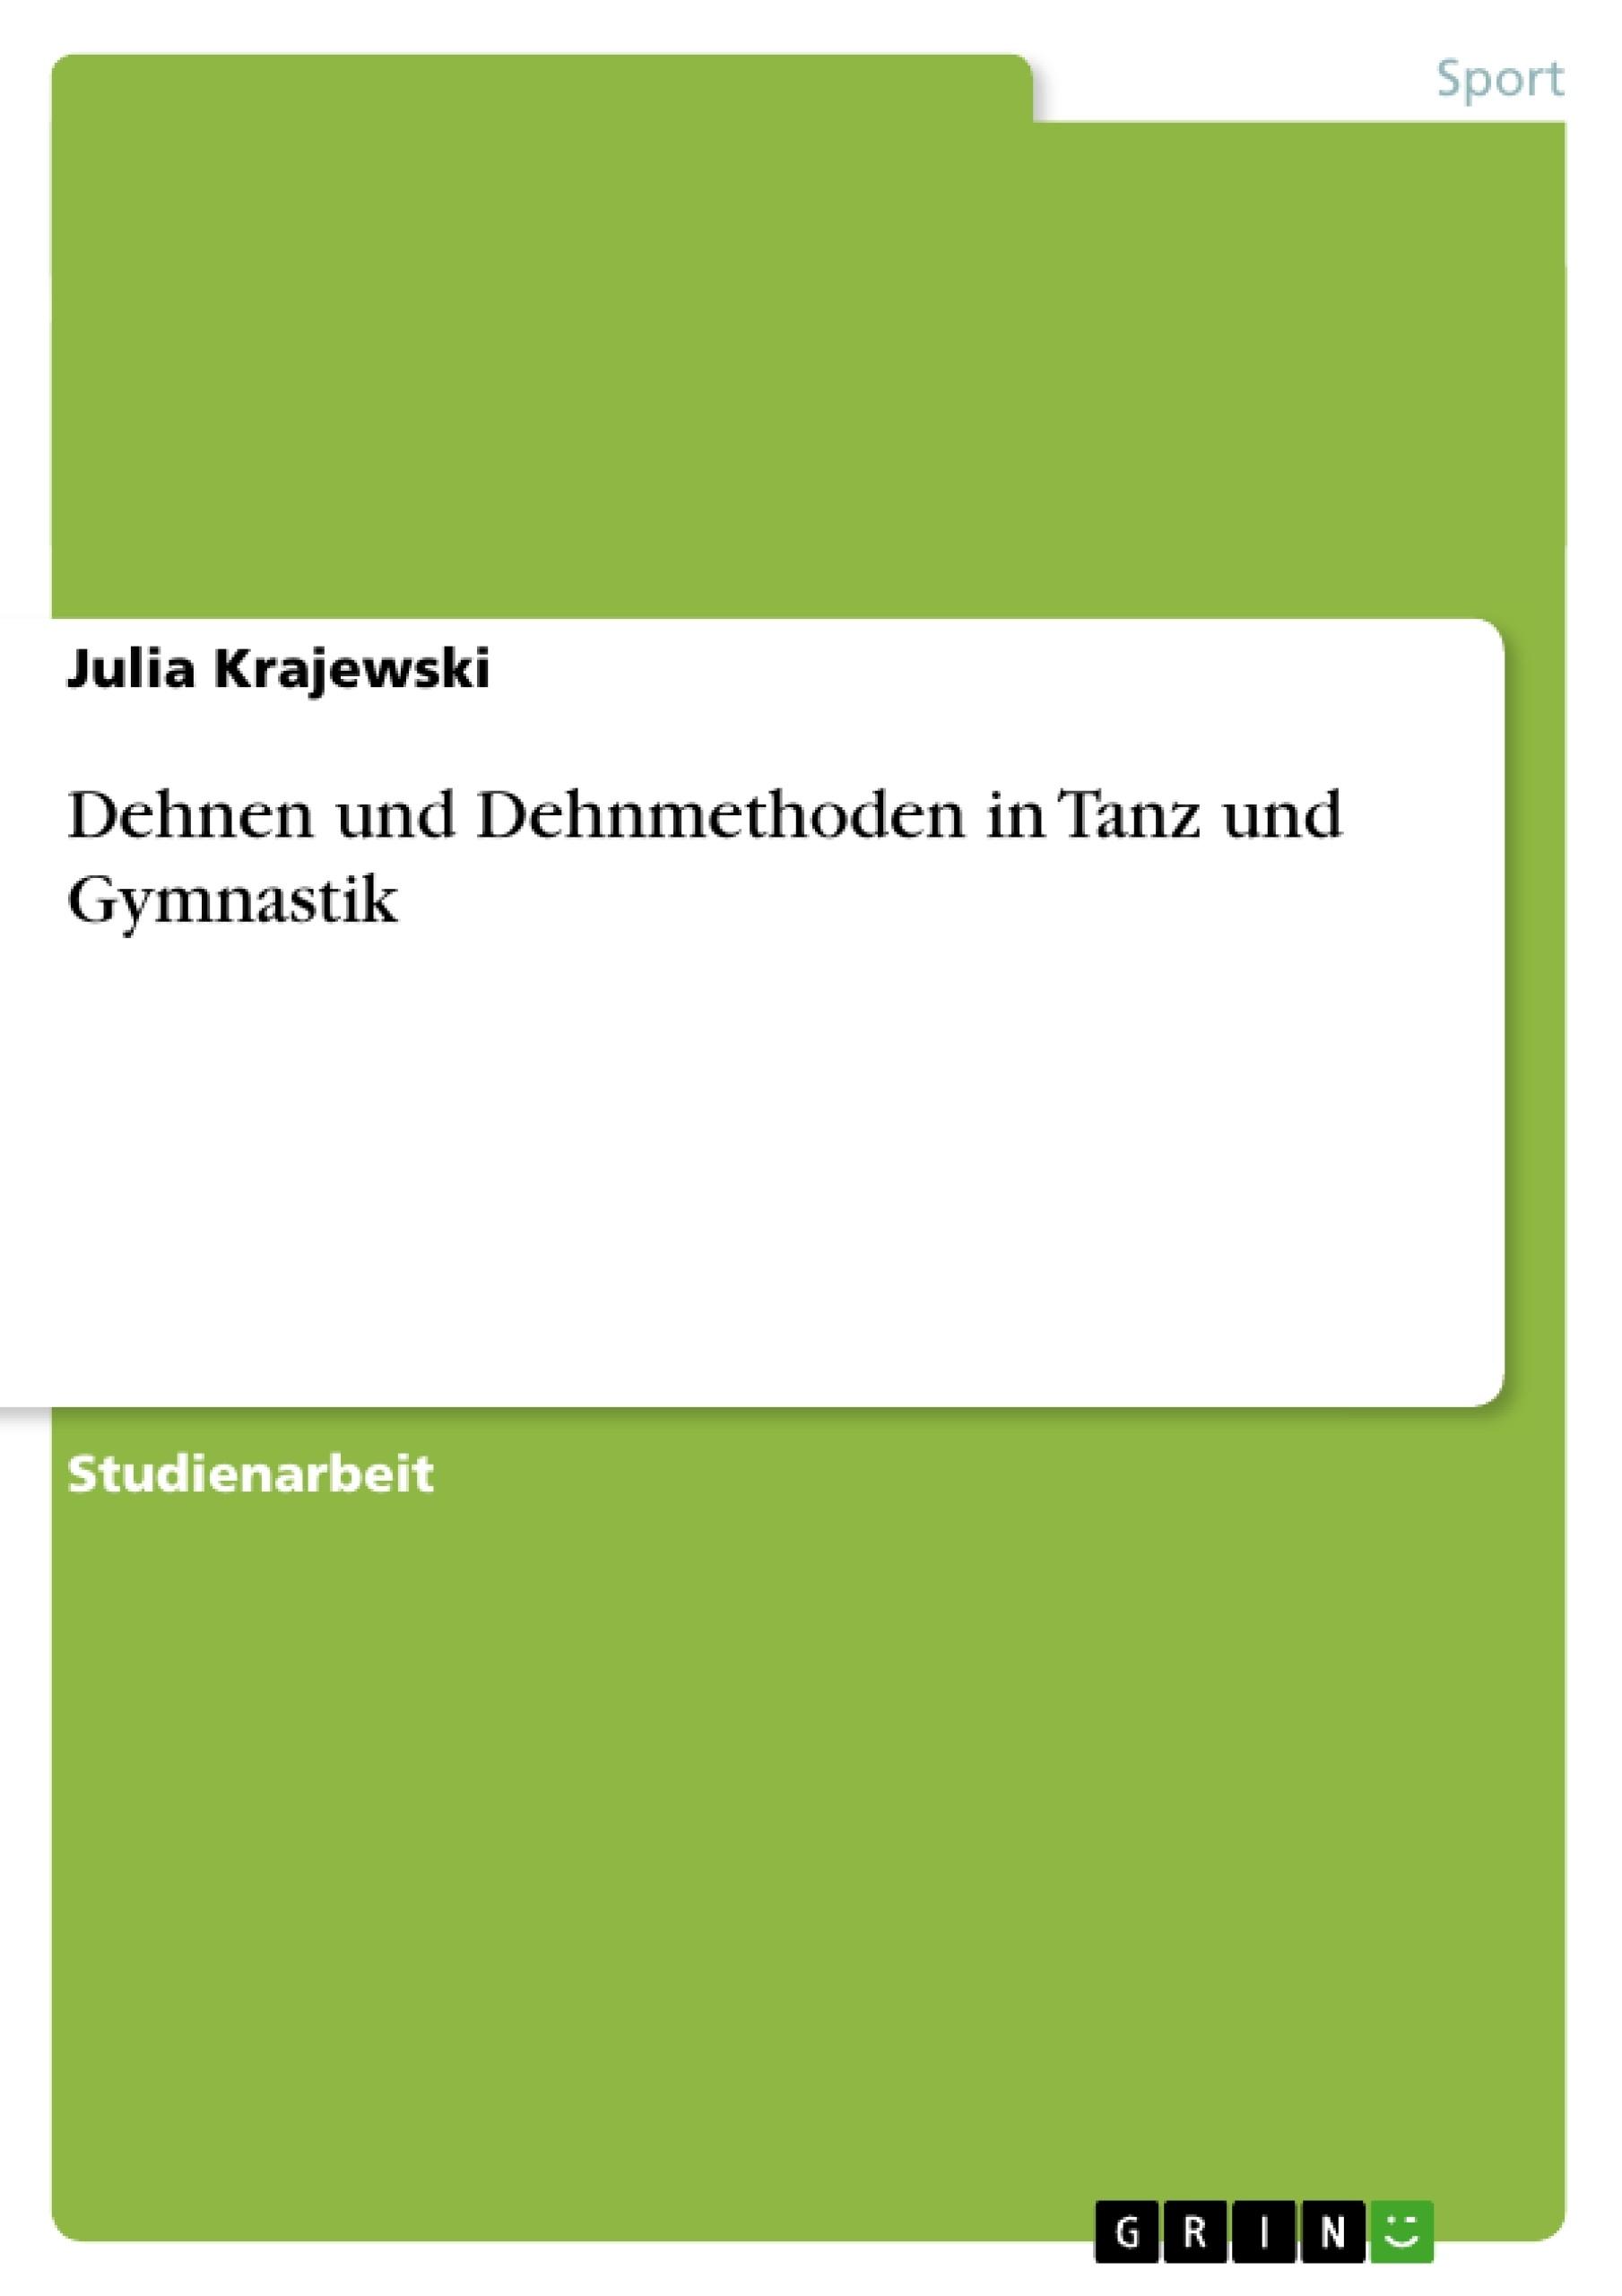 Titel: Dehnen und Dehnmethoden in Tanz und Gymnastik